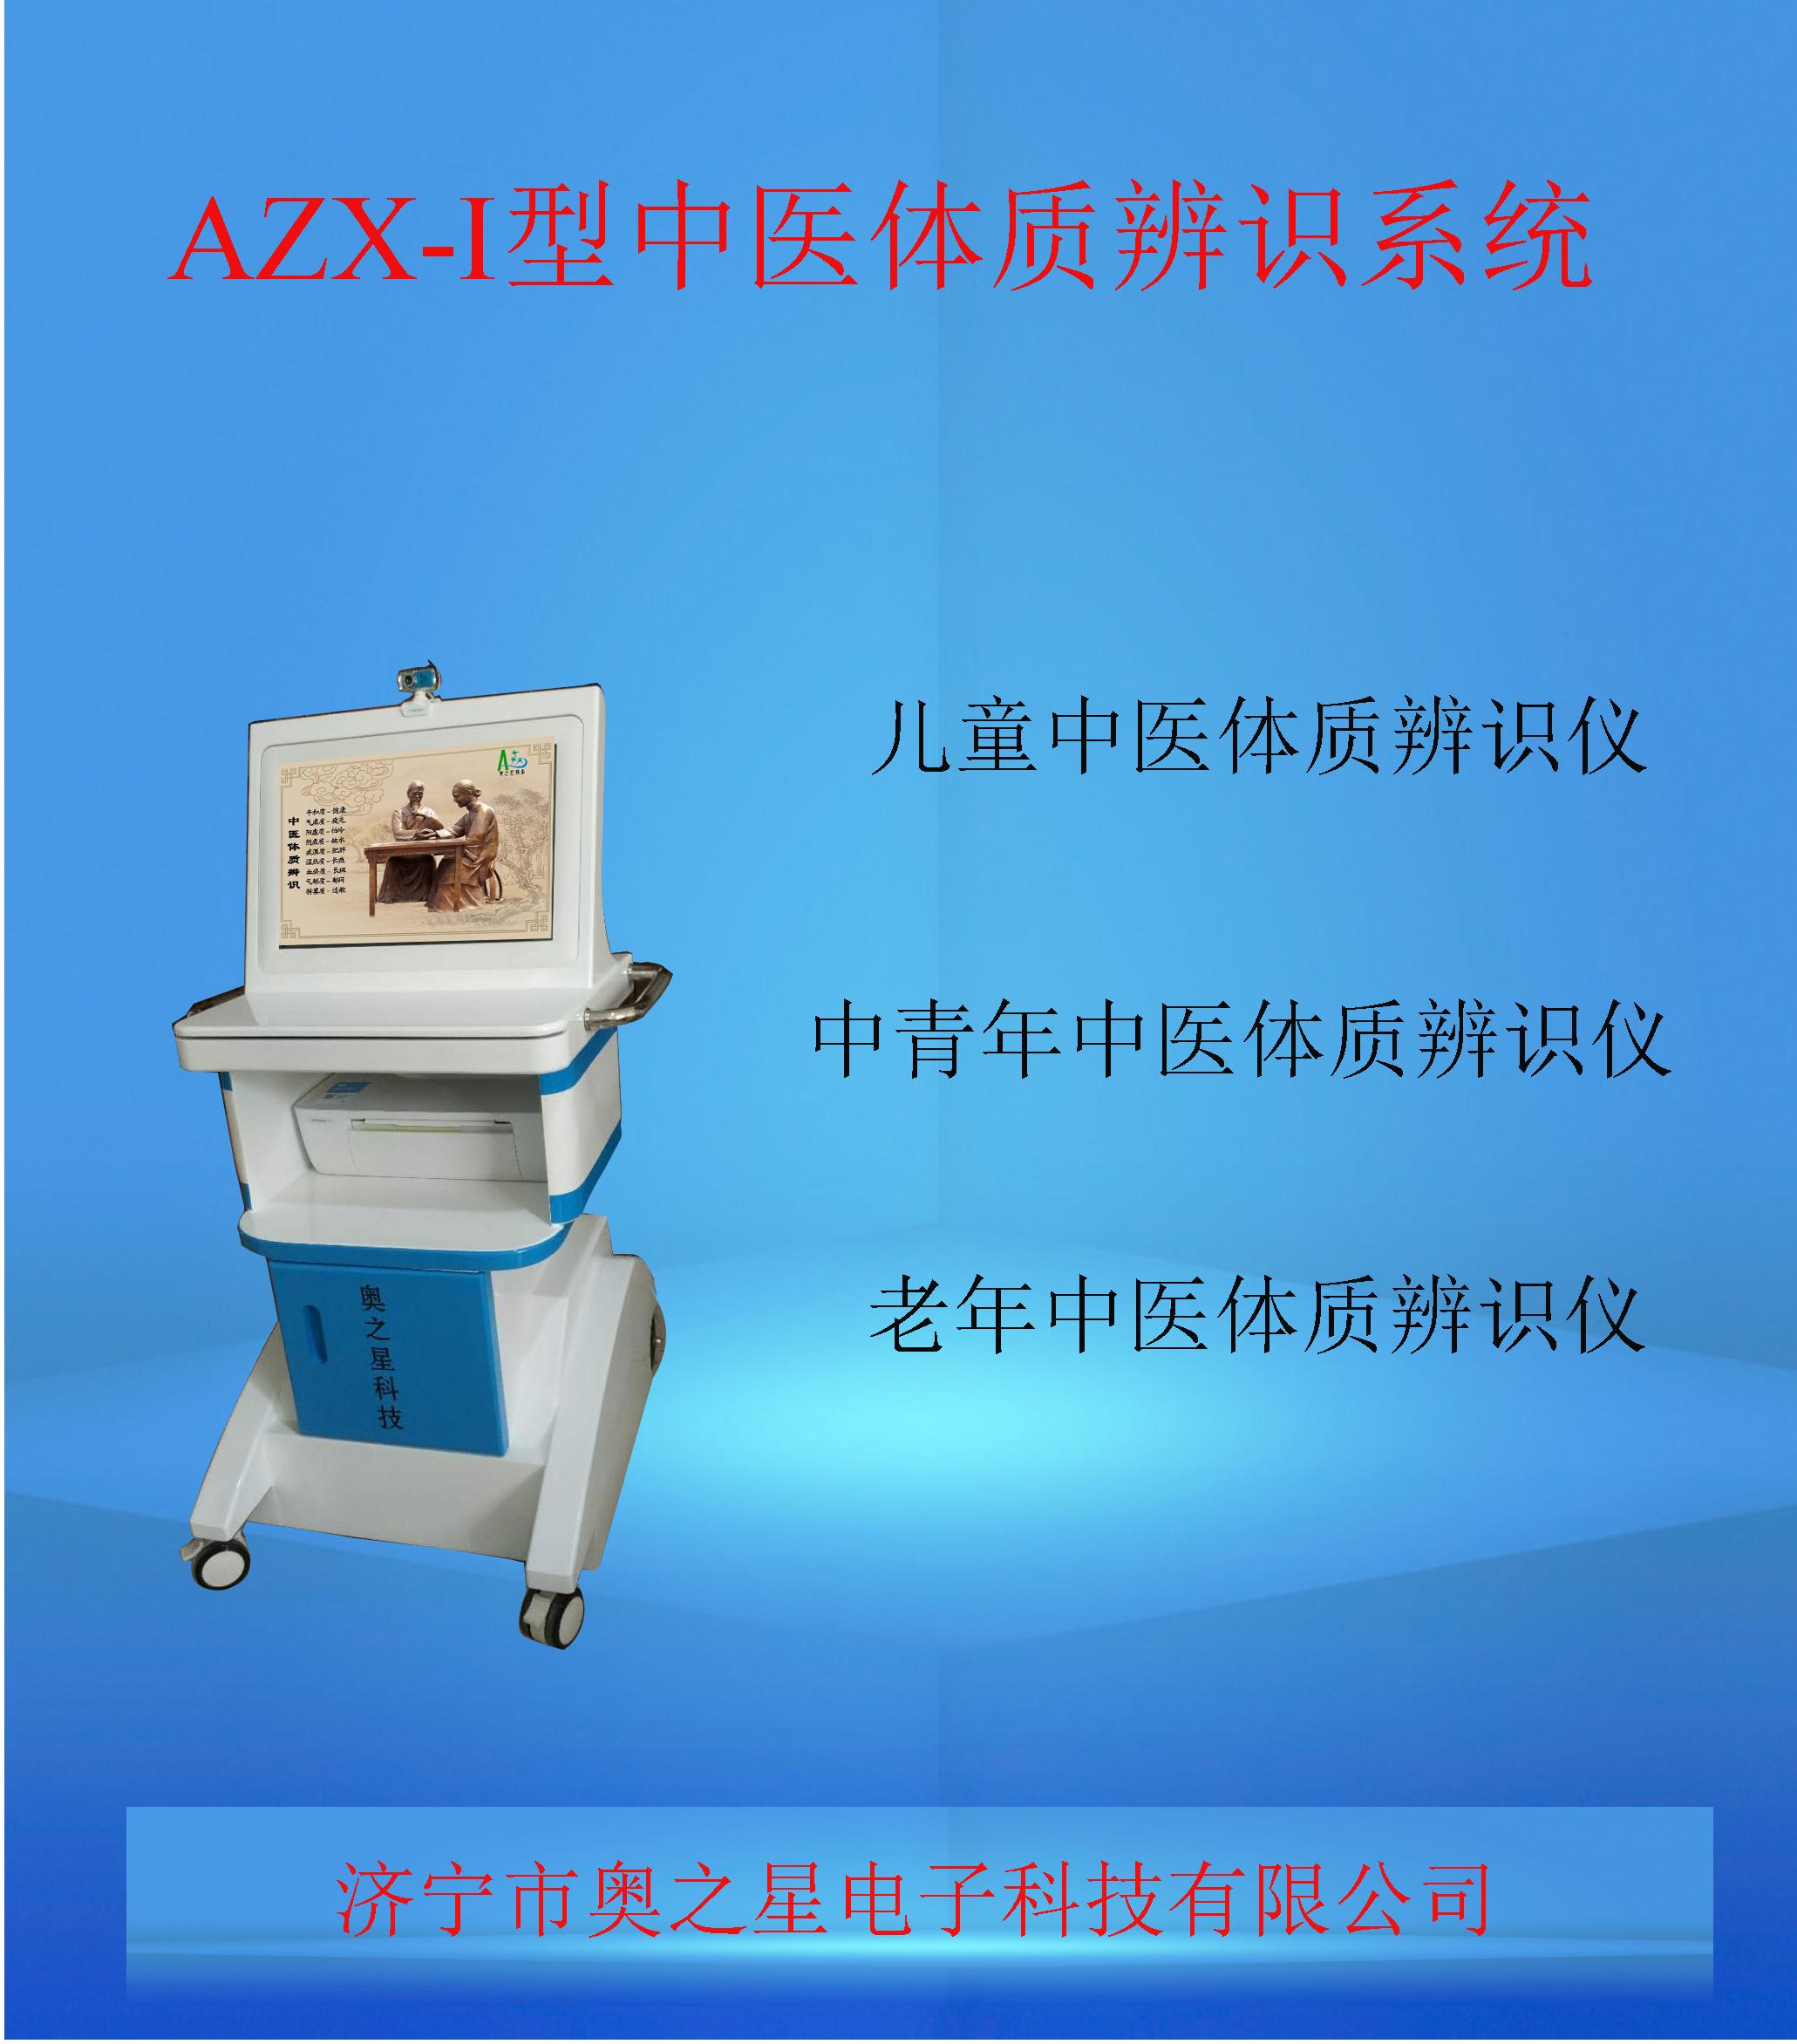 奥之星品牌中医体质辨识系统